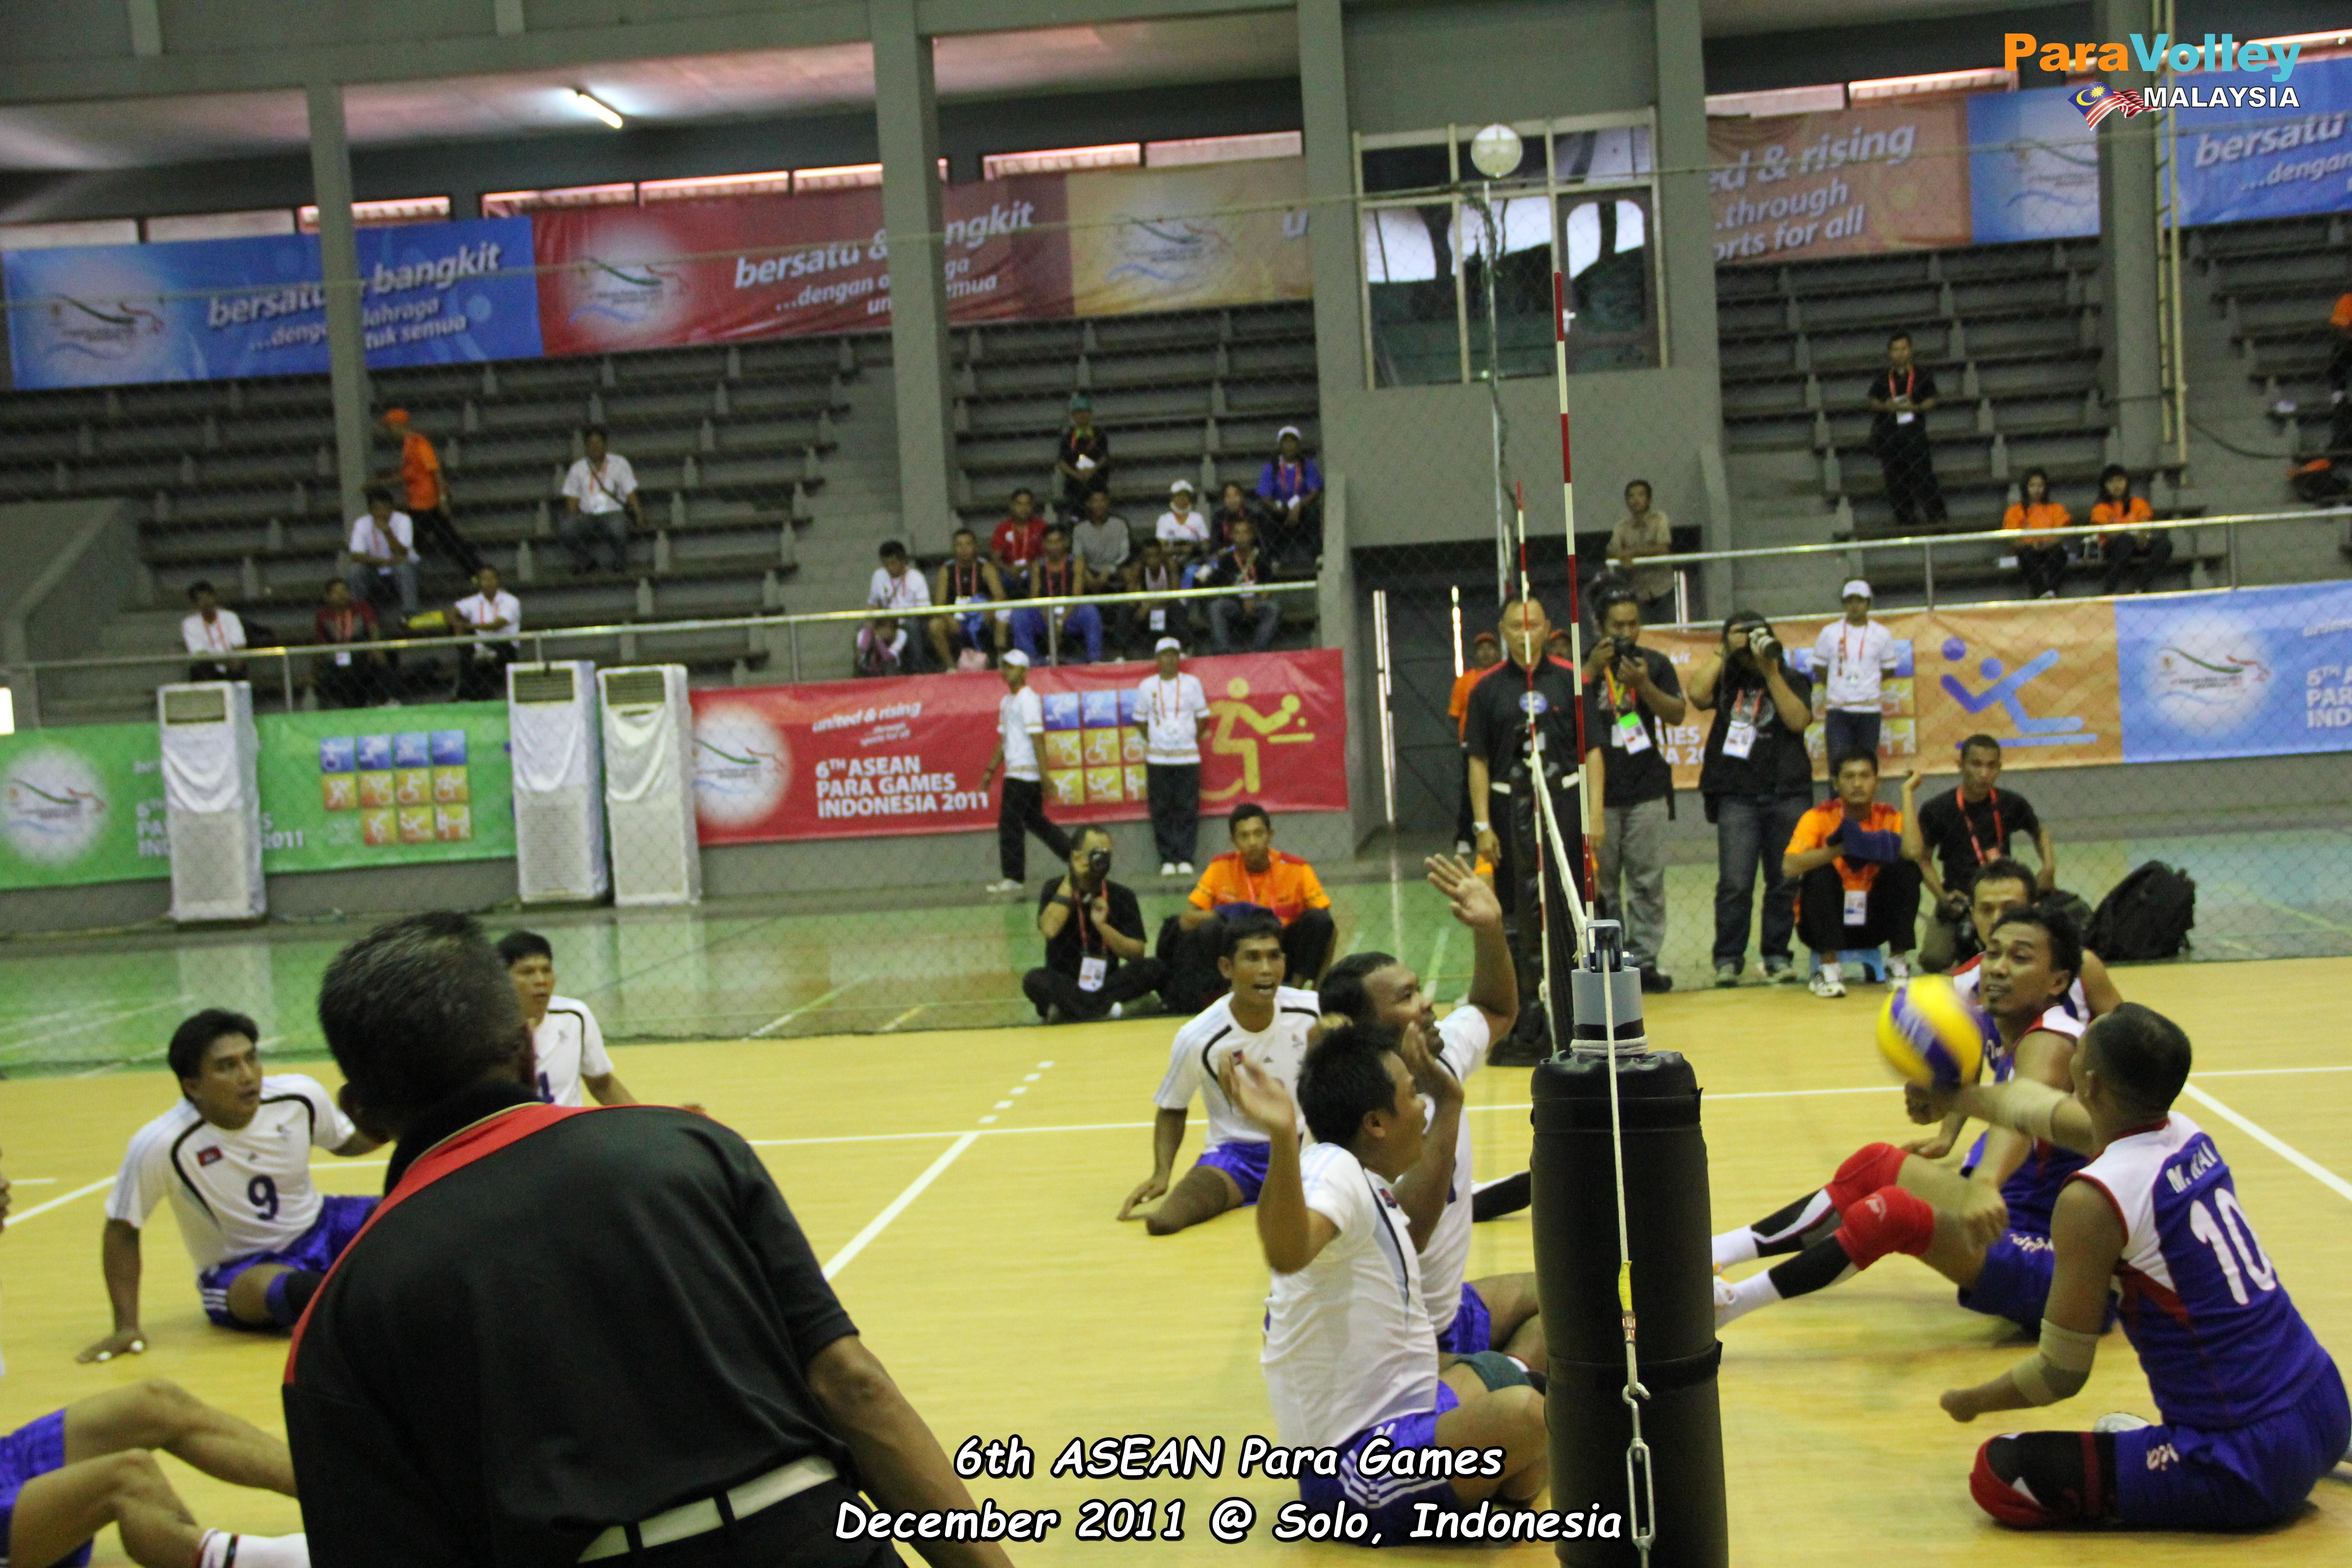 2011 12 6th ASEAN Para Games 5